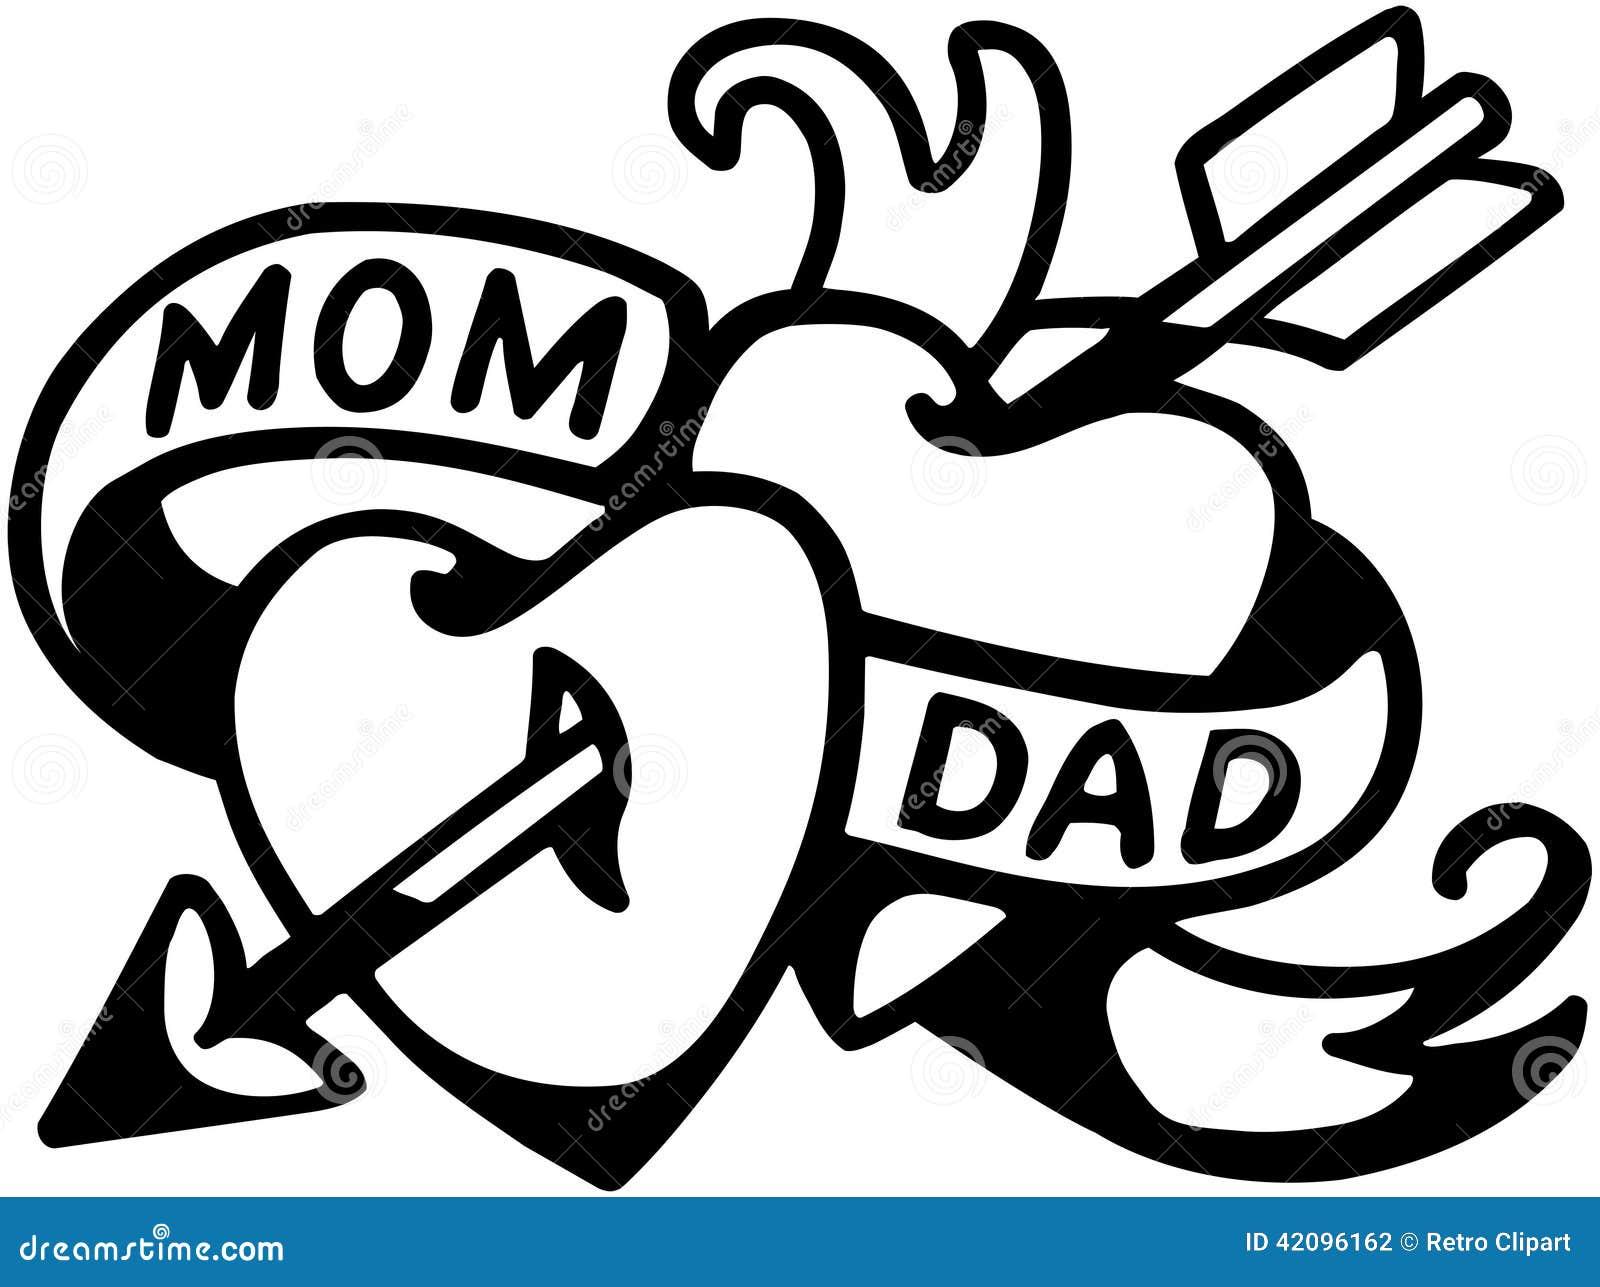 Tatuaggio Del Papà E Della Mamma Illustrazione Vettoriale